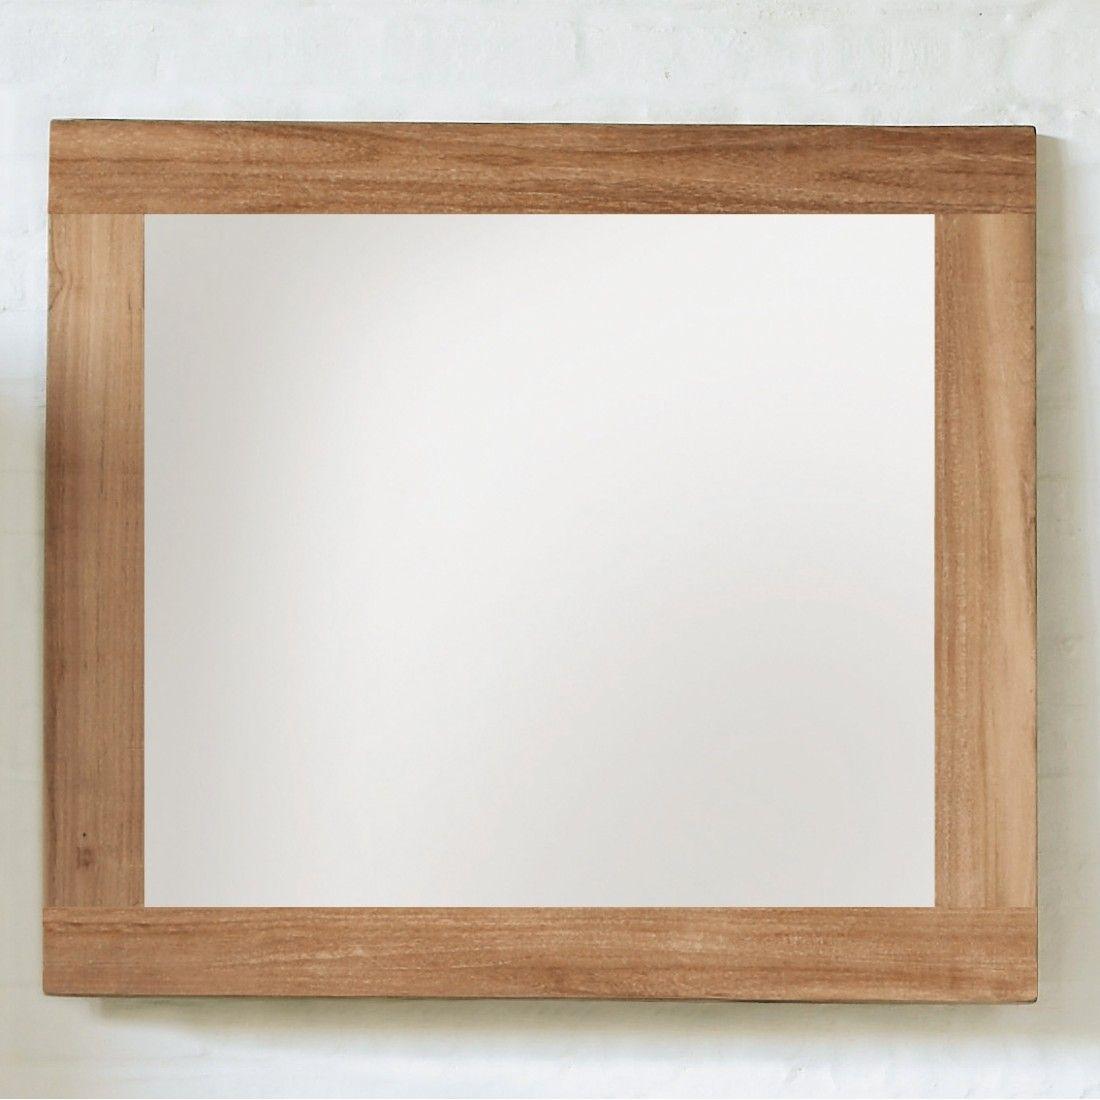 Miroir en teck massif huilé avec bords épais, Line Art